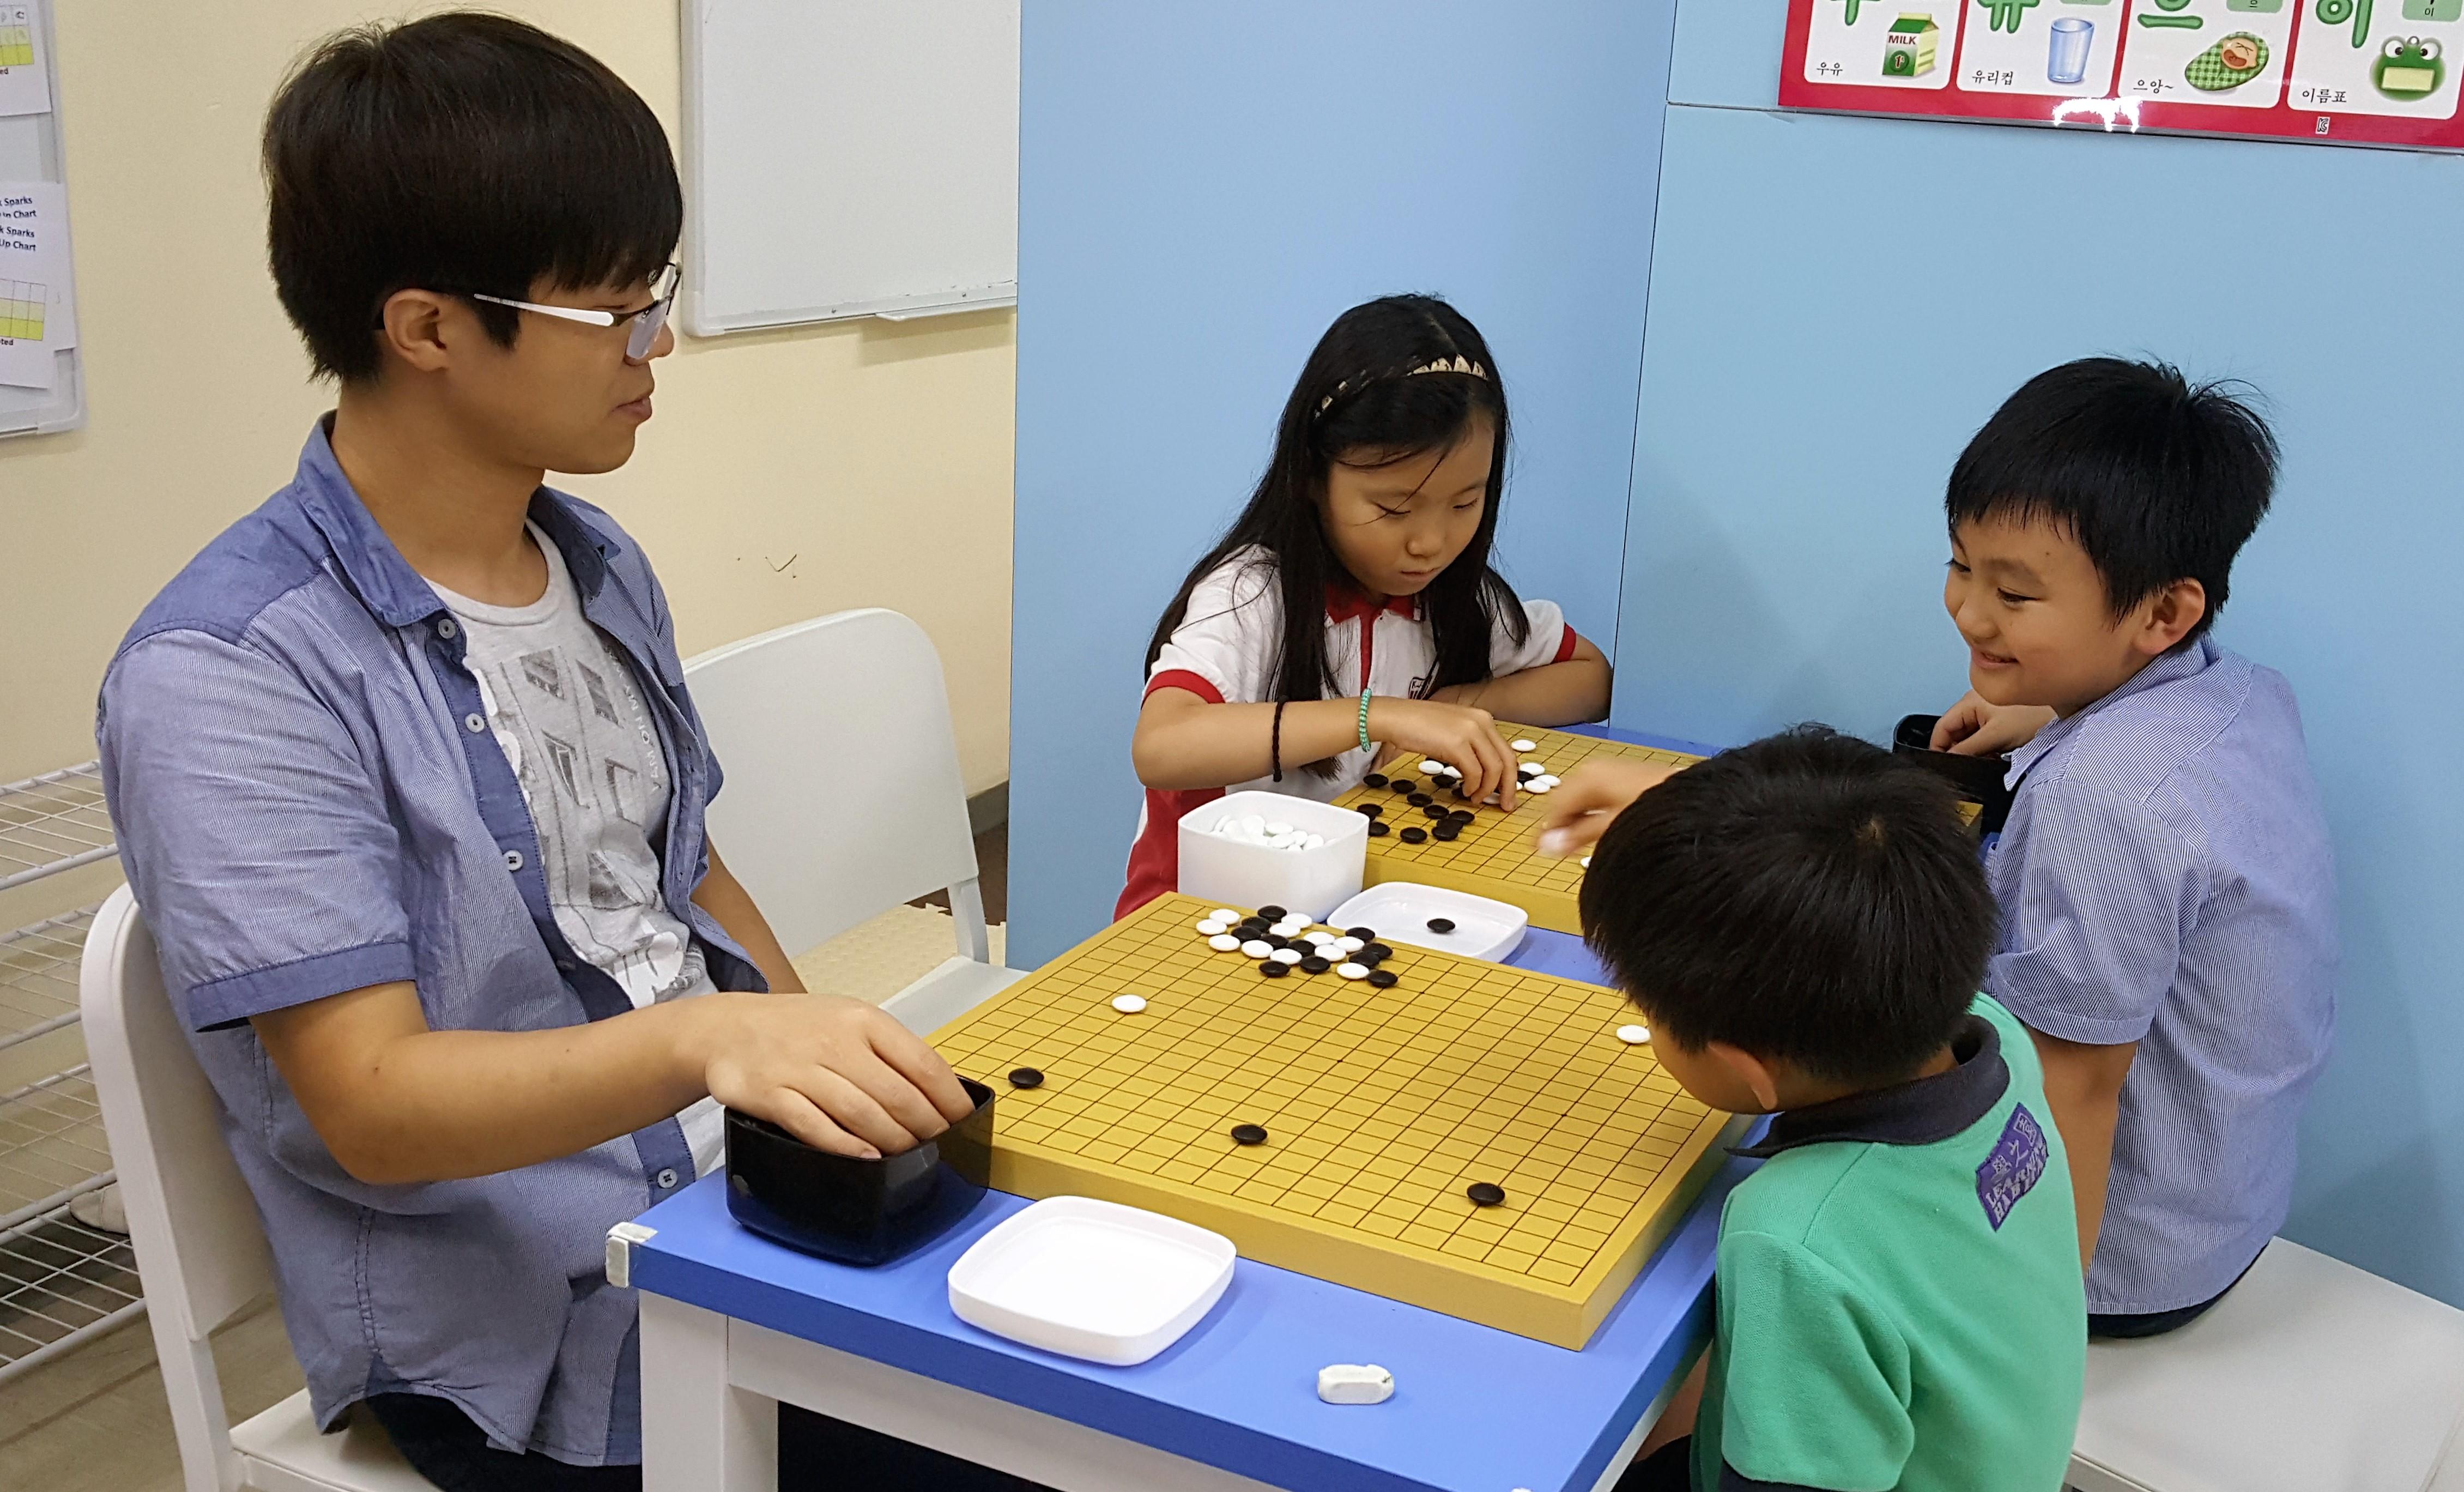 圍棋  圍棋